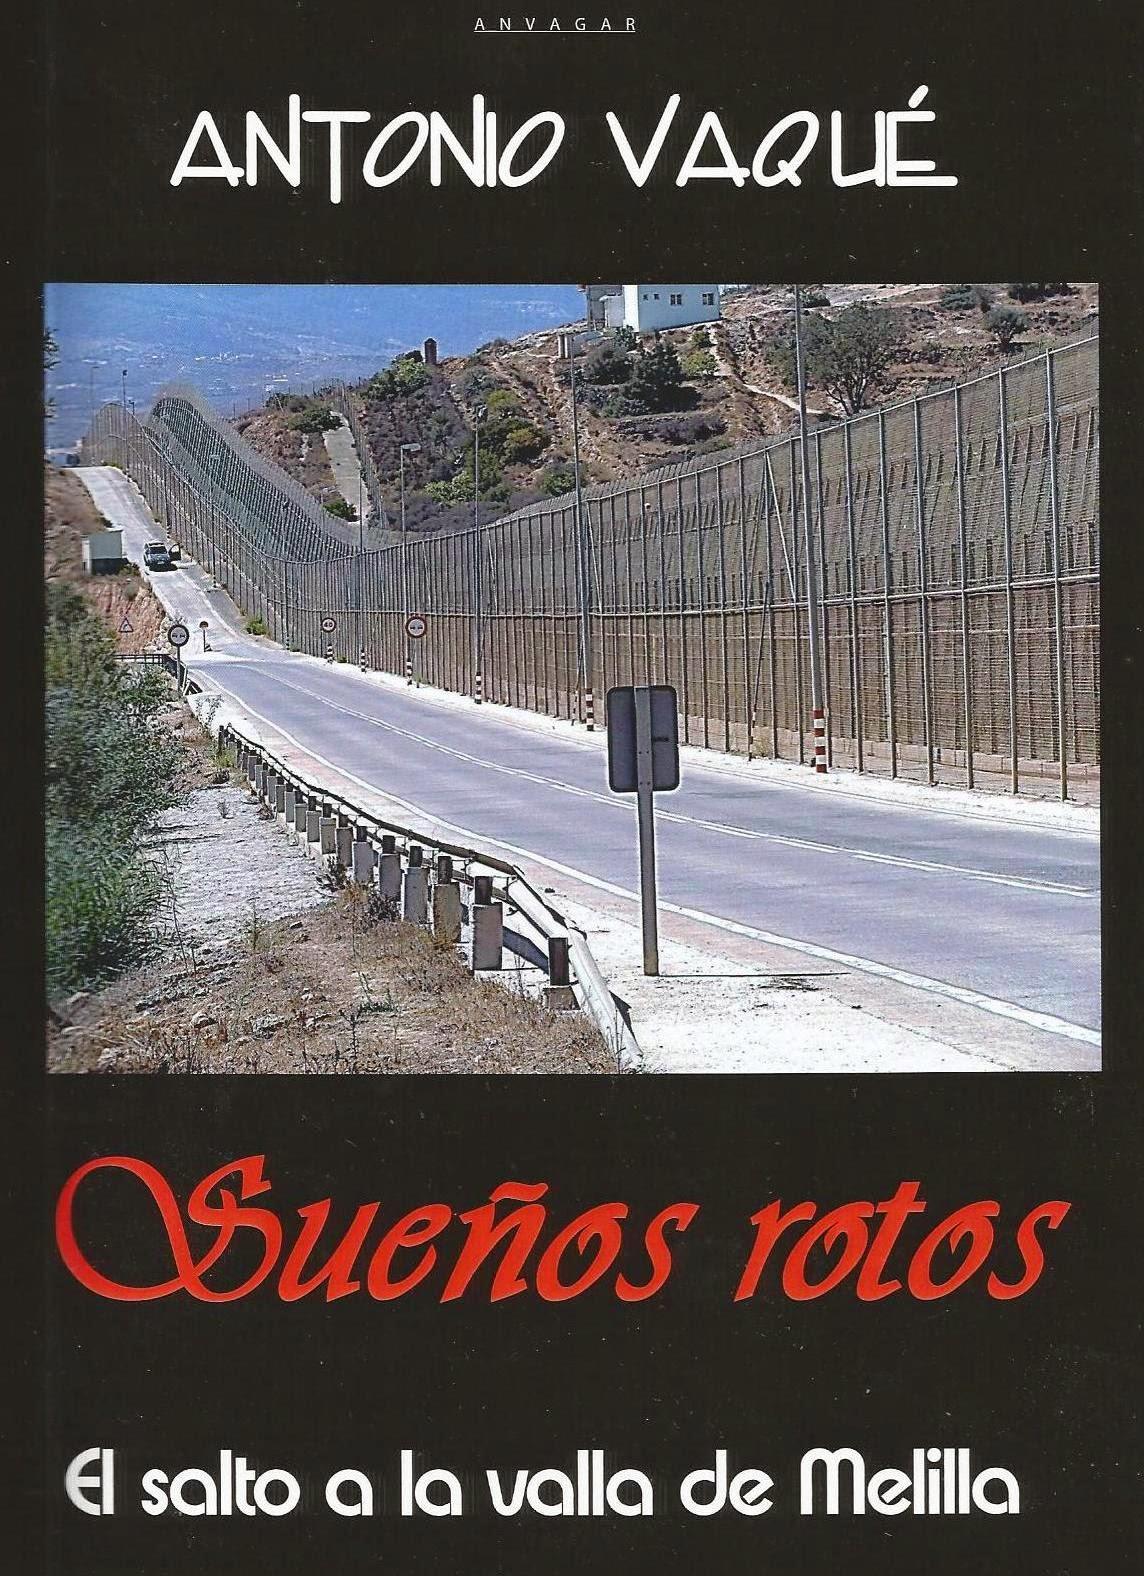 http://www.unionescritores.com/2014/09/antonio-vaque-presento-su-novela-suenos.html